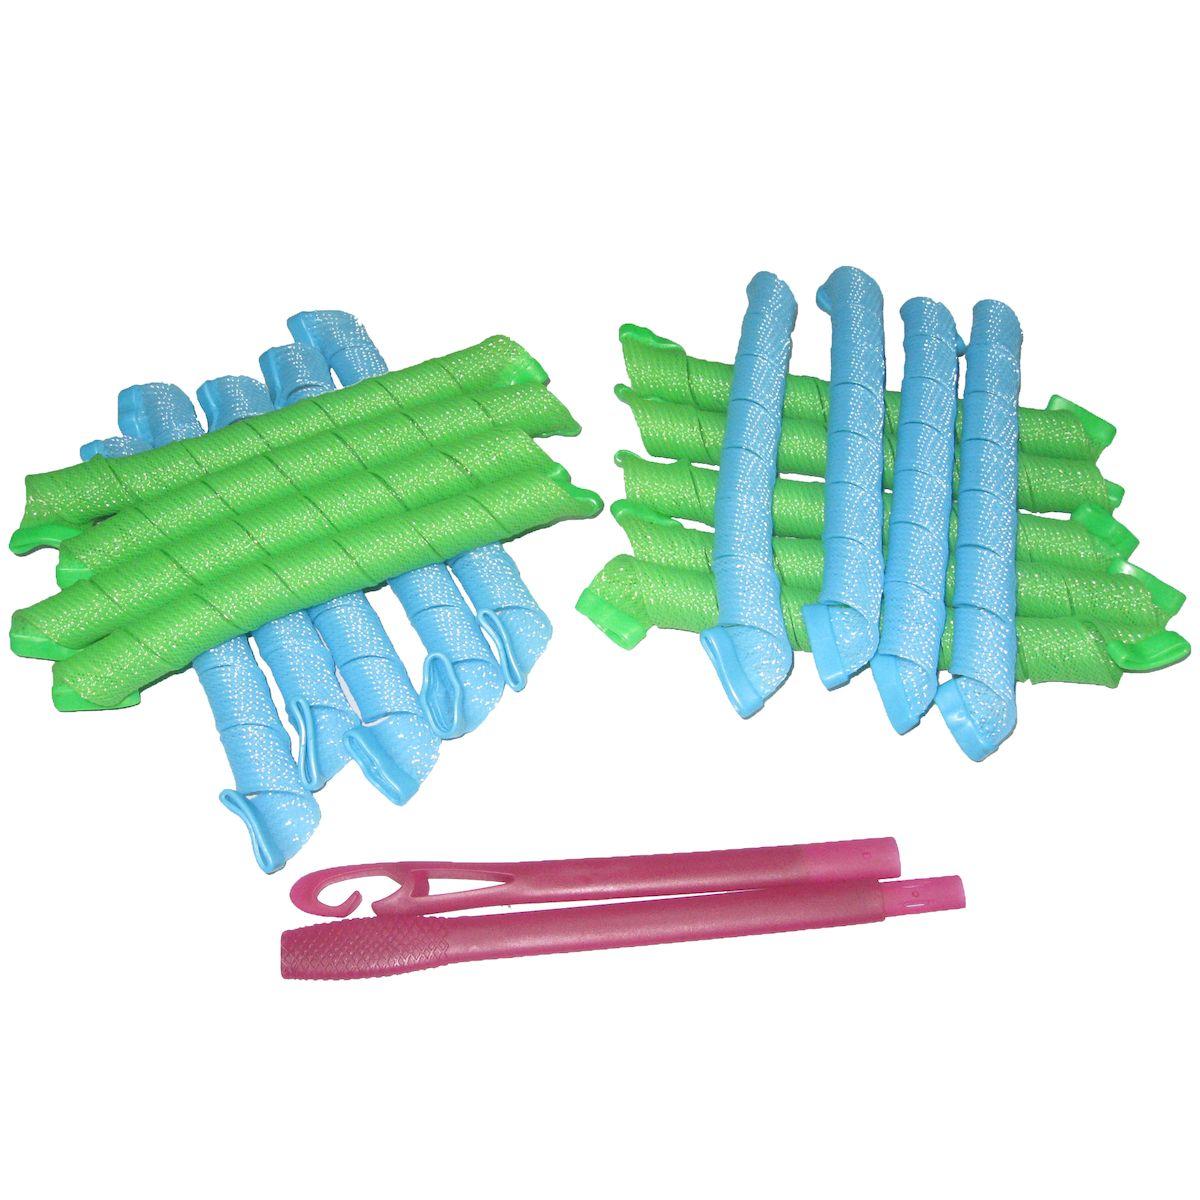 Magic Leverage Волшебные бигуди Средние 44 см, 18 штСр44Создают большой объем,обеспечивают бережное отношение к волосам,легки в использовании.В упаковке 18 цветных бигуди, длиной 44 см (в развернутой виде), и специальный крючок. При использовании, желательно, чтобы влажность волос была в пределах 60-70%.Характеристики:Длина: 44 смШирина локона: 2 смДиаметр завитка: 2,2 смКоличество: 18 шт.Крючок: двойнойУпаковка: коробка Уважаемые клиенты!Обращаем ваше внимание на цветовой ассортимент товара. Поставка осуществляется в зависимости от наличия на складе.